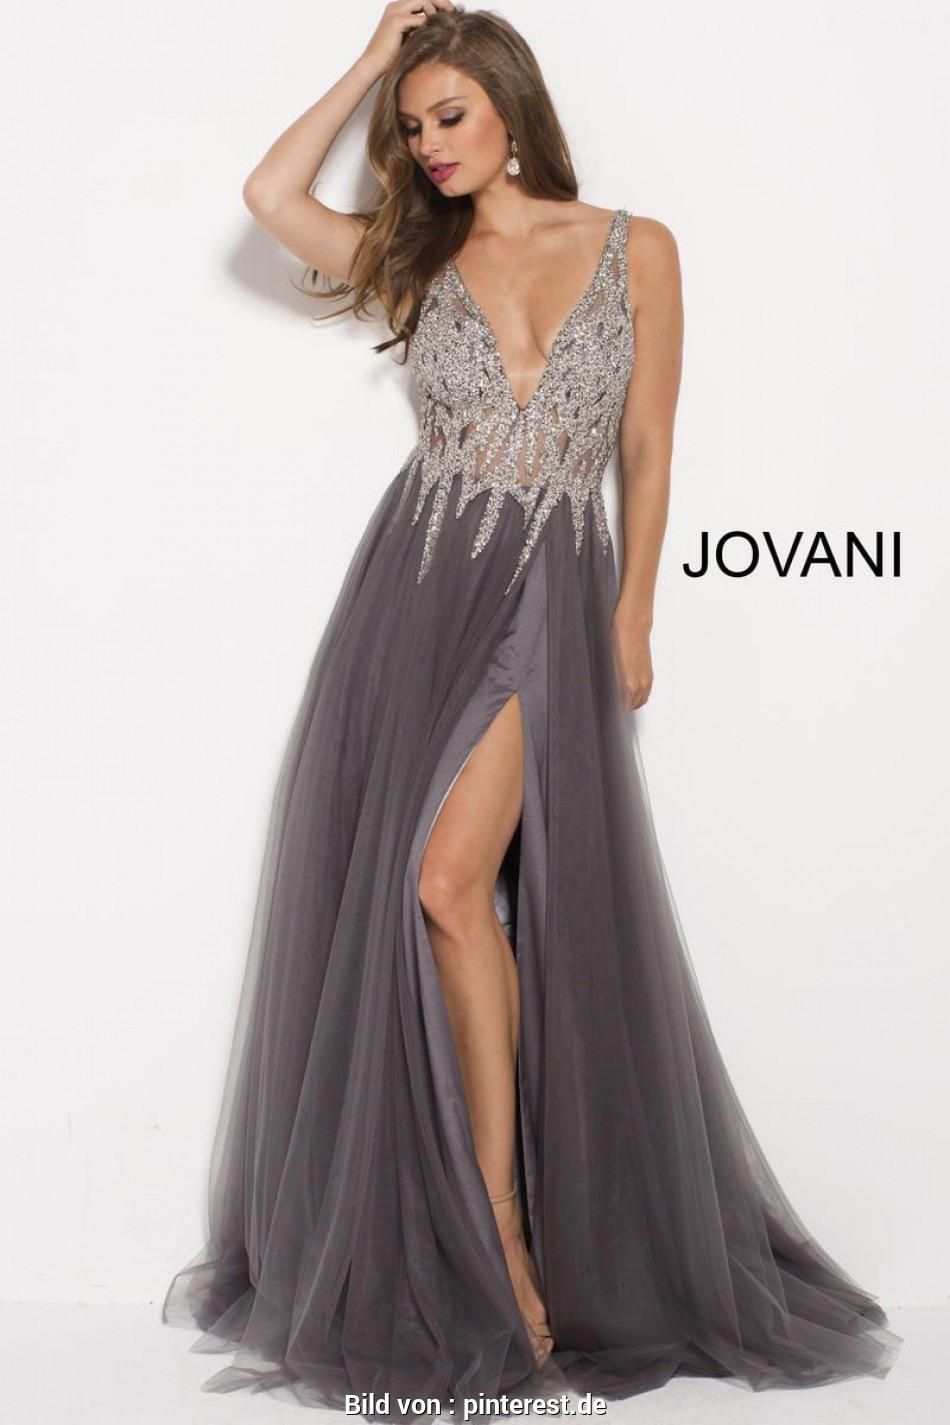 17 Erstaunlich Abendkleider Online Kaufen Spezialgebiet17 Luxus Abendkleider Online Kaufen Stylish